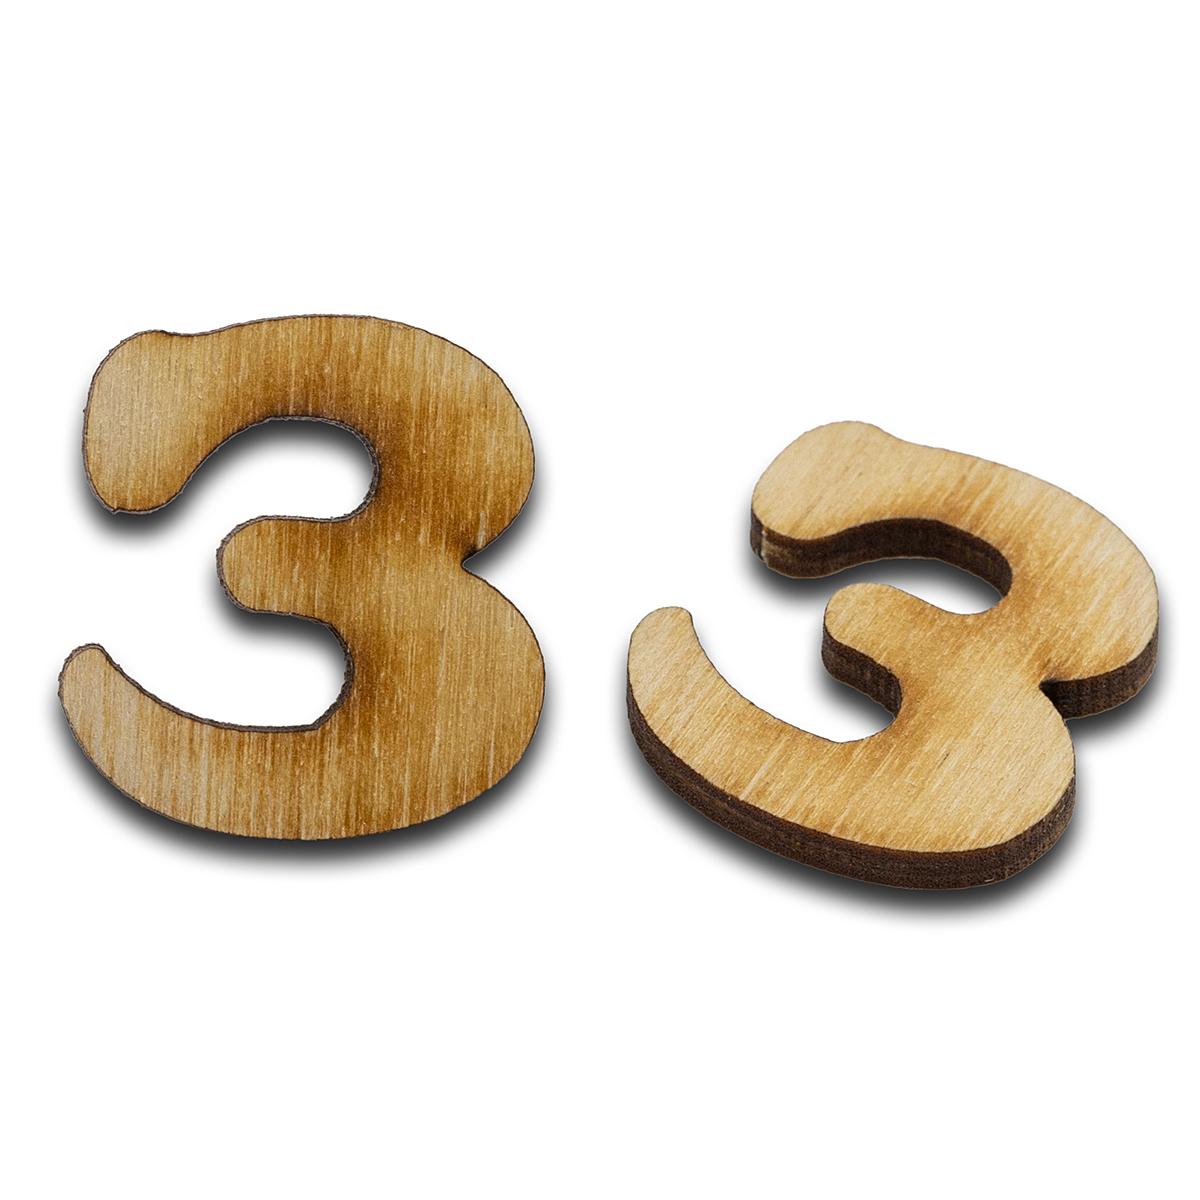 L-238 Деревянная заготовка 'Буква З', 30х27х4 мм, упак./2 шт., 'Астра'